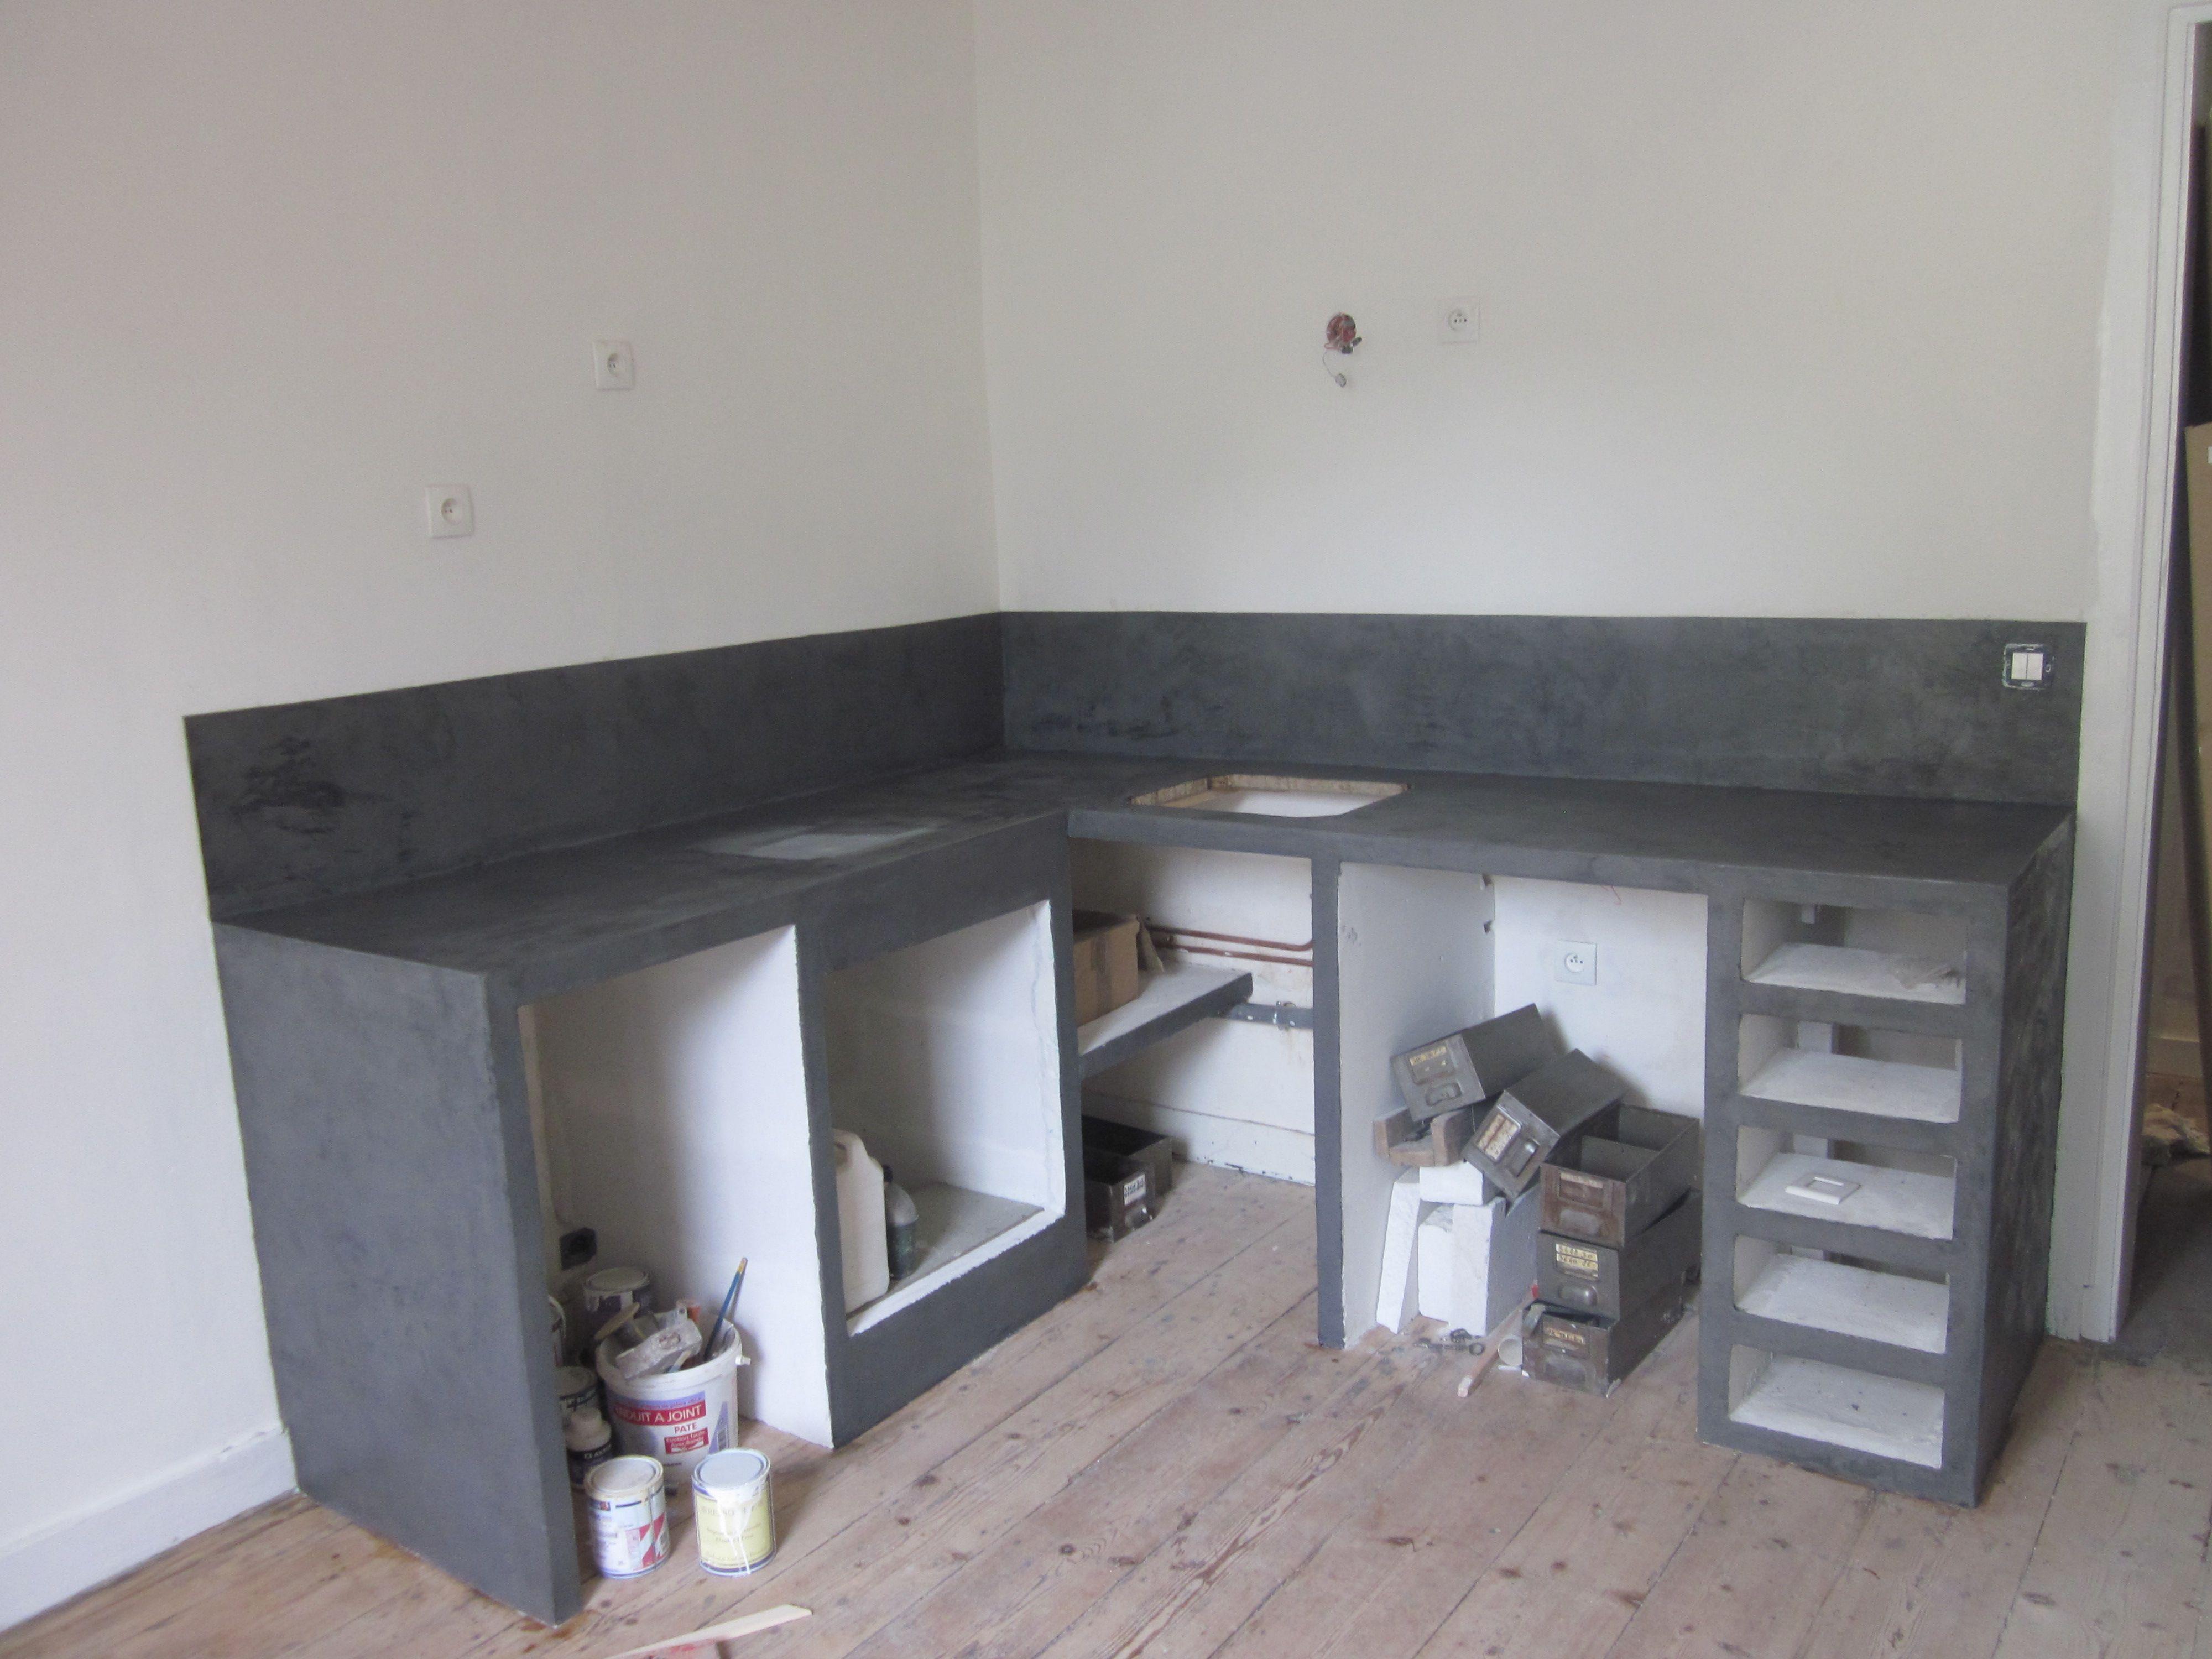 plan de travail de cuisine en b ton alvenaria pinterest salons. Black Bedroom Furniture Sets. Home Design Ideas